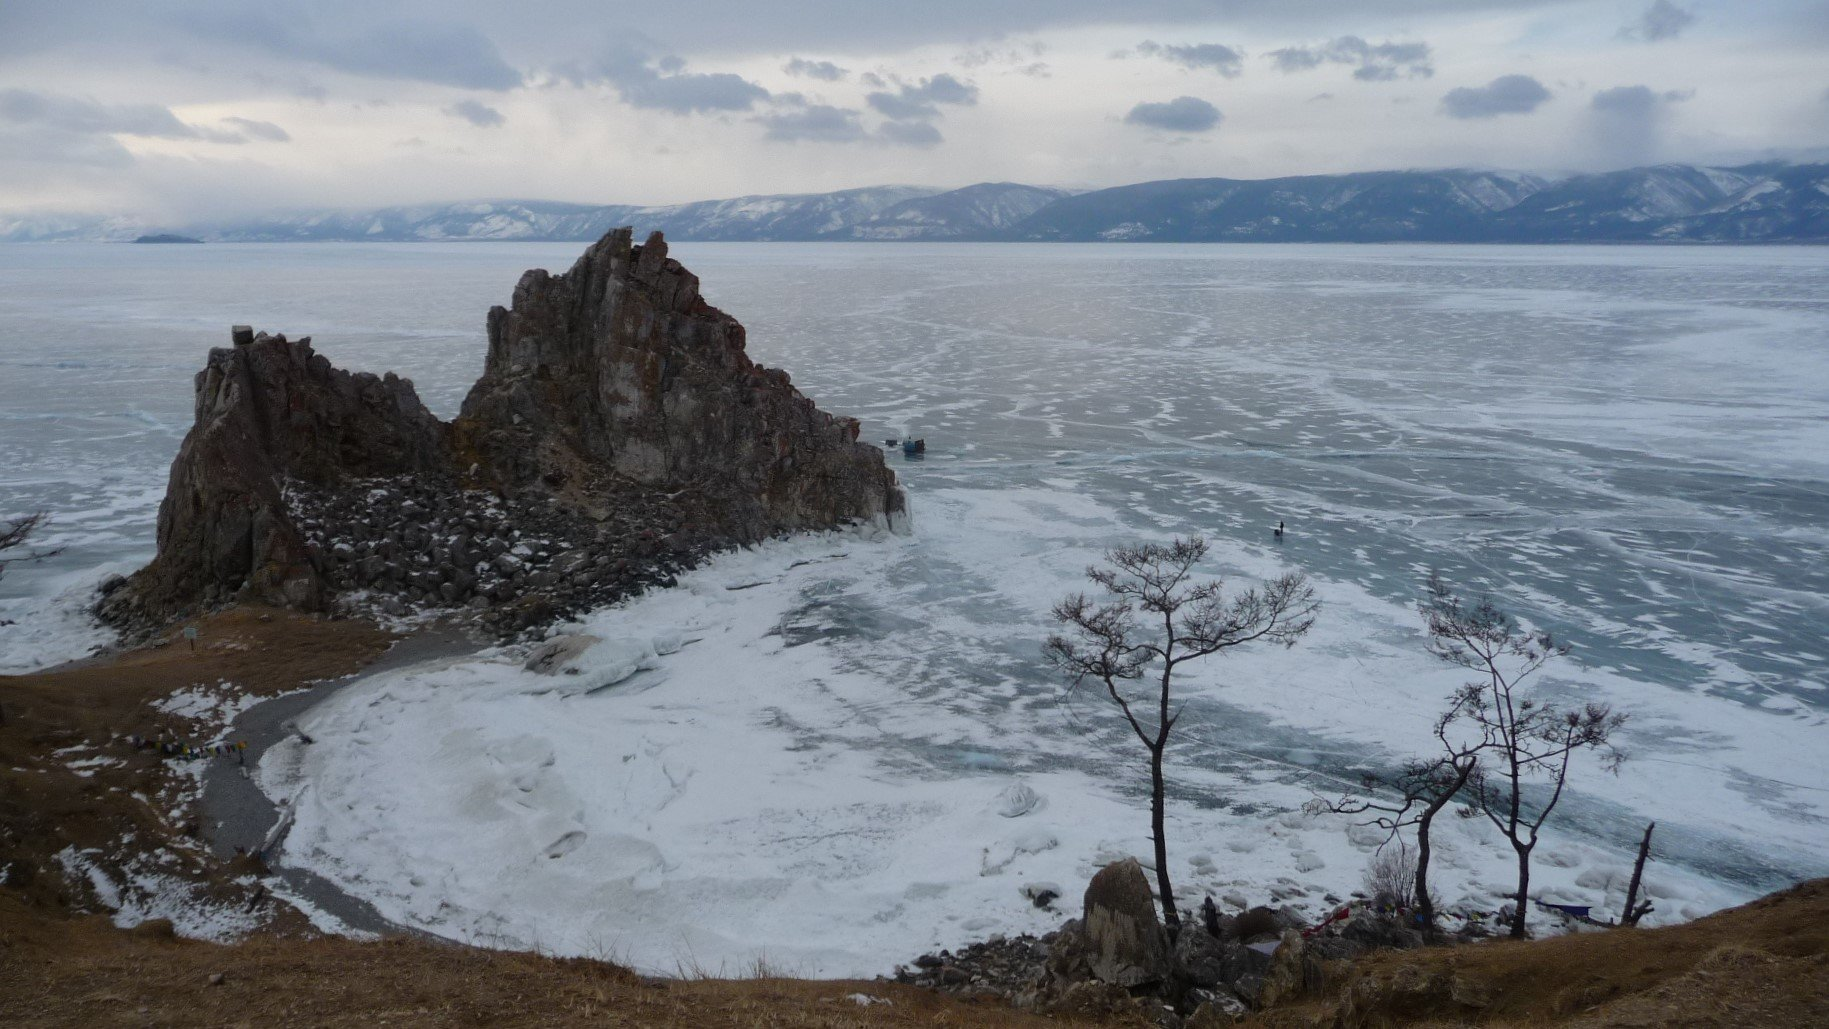 Le cap Bourkhan, site sacré du chamanisme, sur l'île d'Olkhon, la plus grande du Baïkal. Photo : Nord Espaces